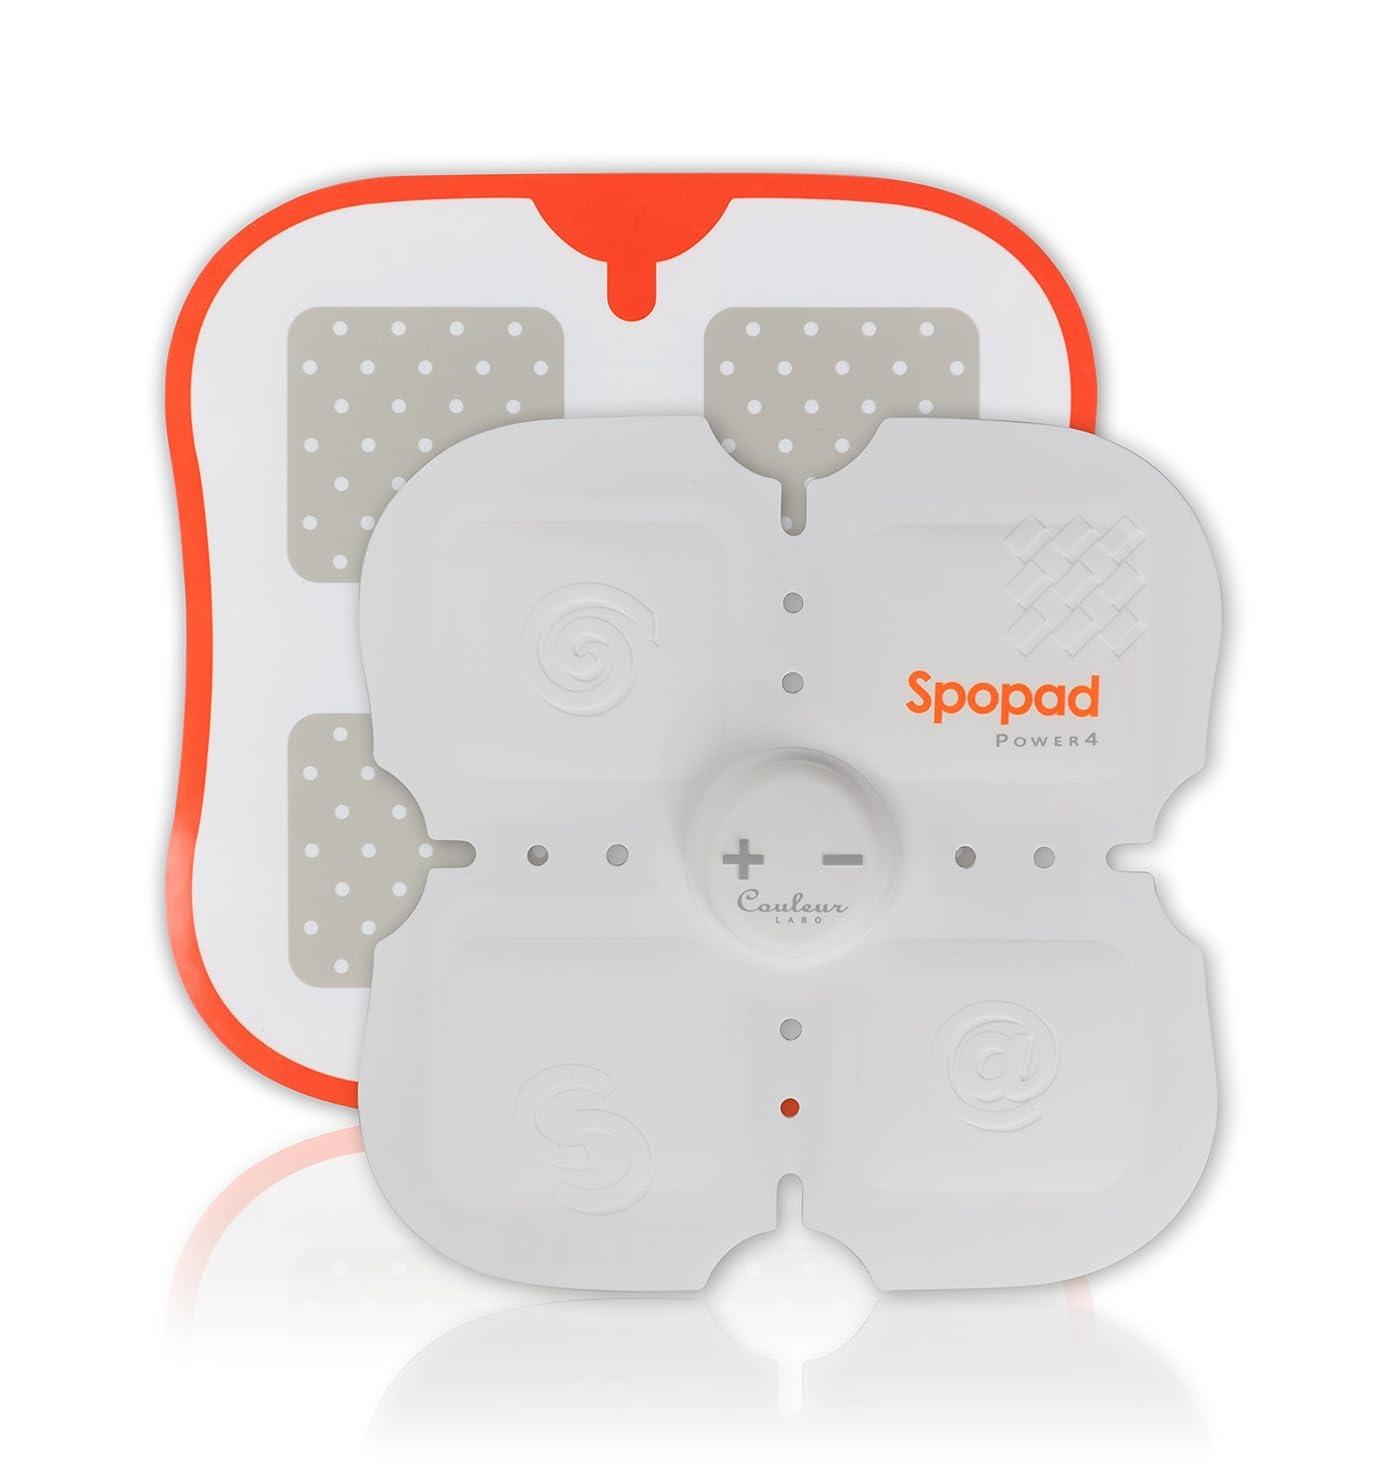 シマウマ服を洗う衣類SPOPAD POWER4(スポパッドパワーフォー) 家庭用EMS運動機器、超薄型、超軽量、ワイヤレス、ハンズフリー